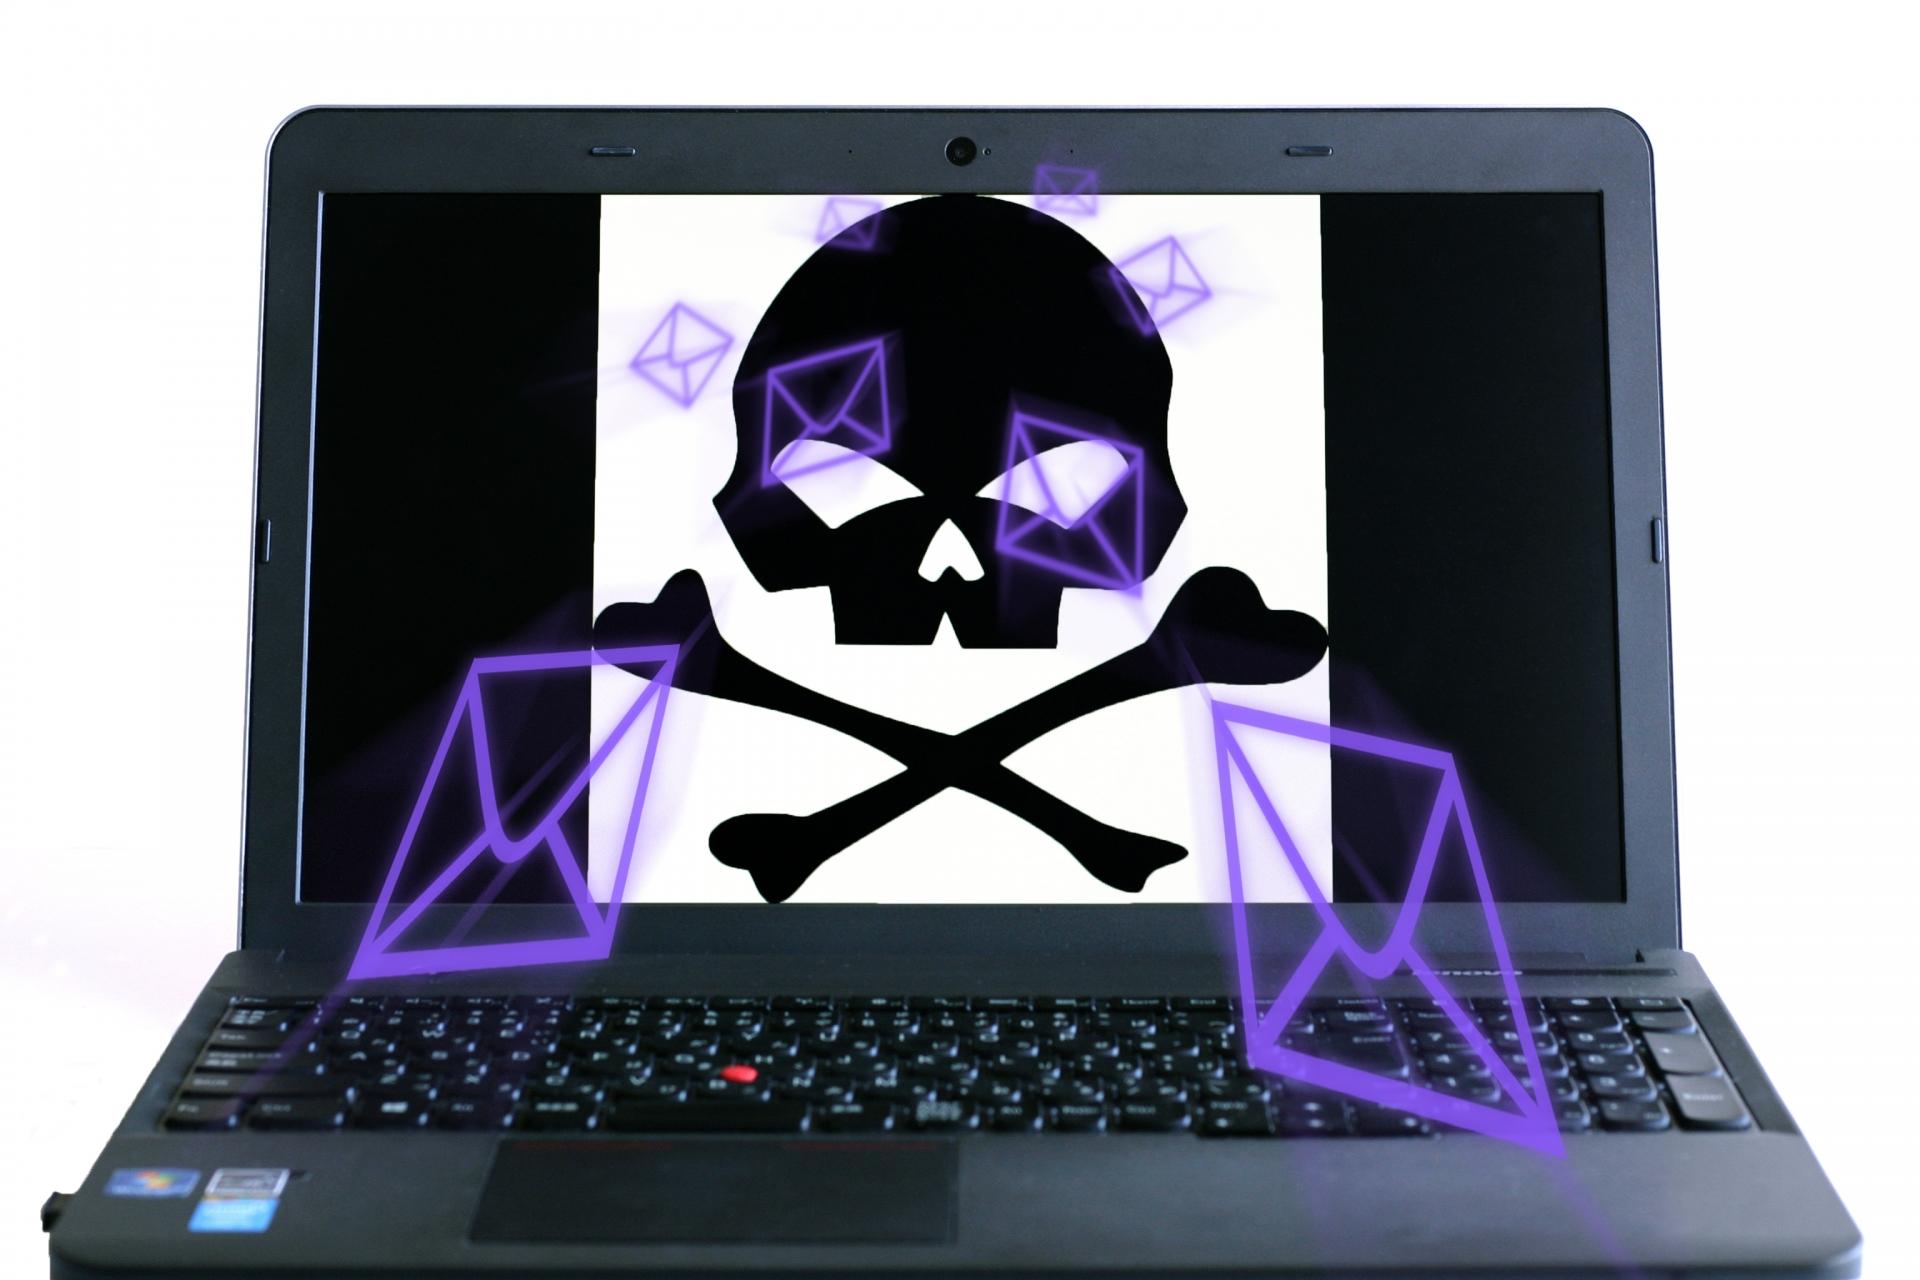 に アクセス あなた 私 ハッカー システム しま オペレーティング は した の